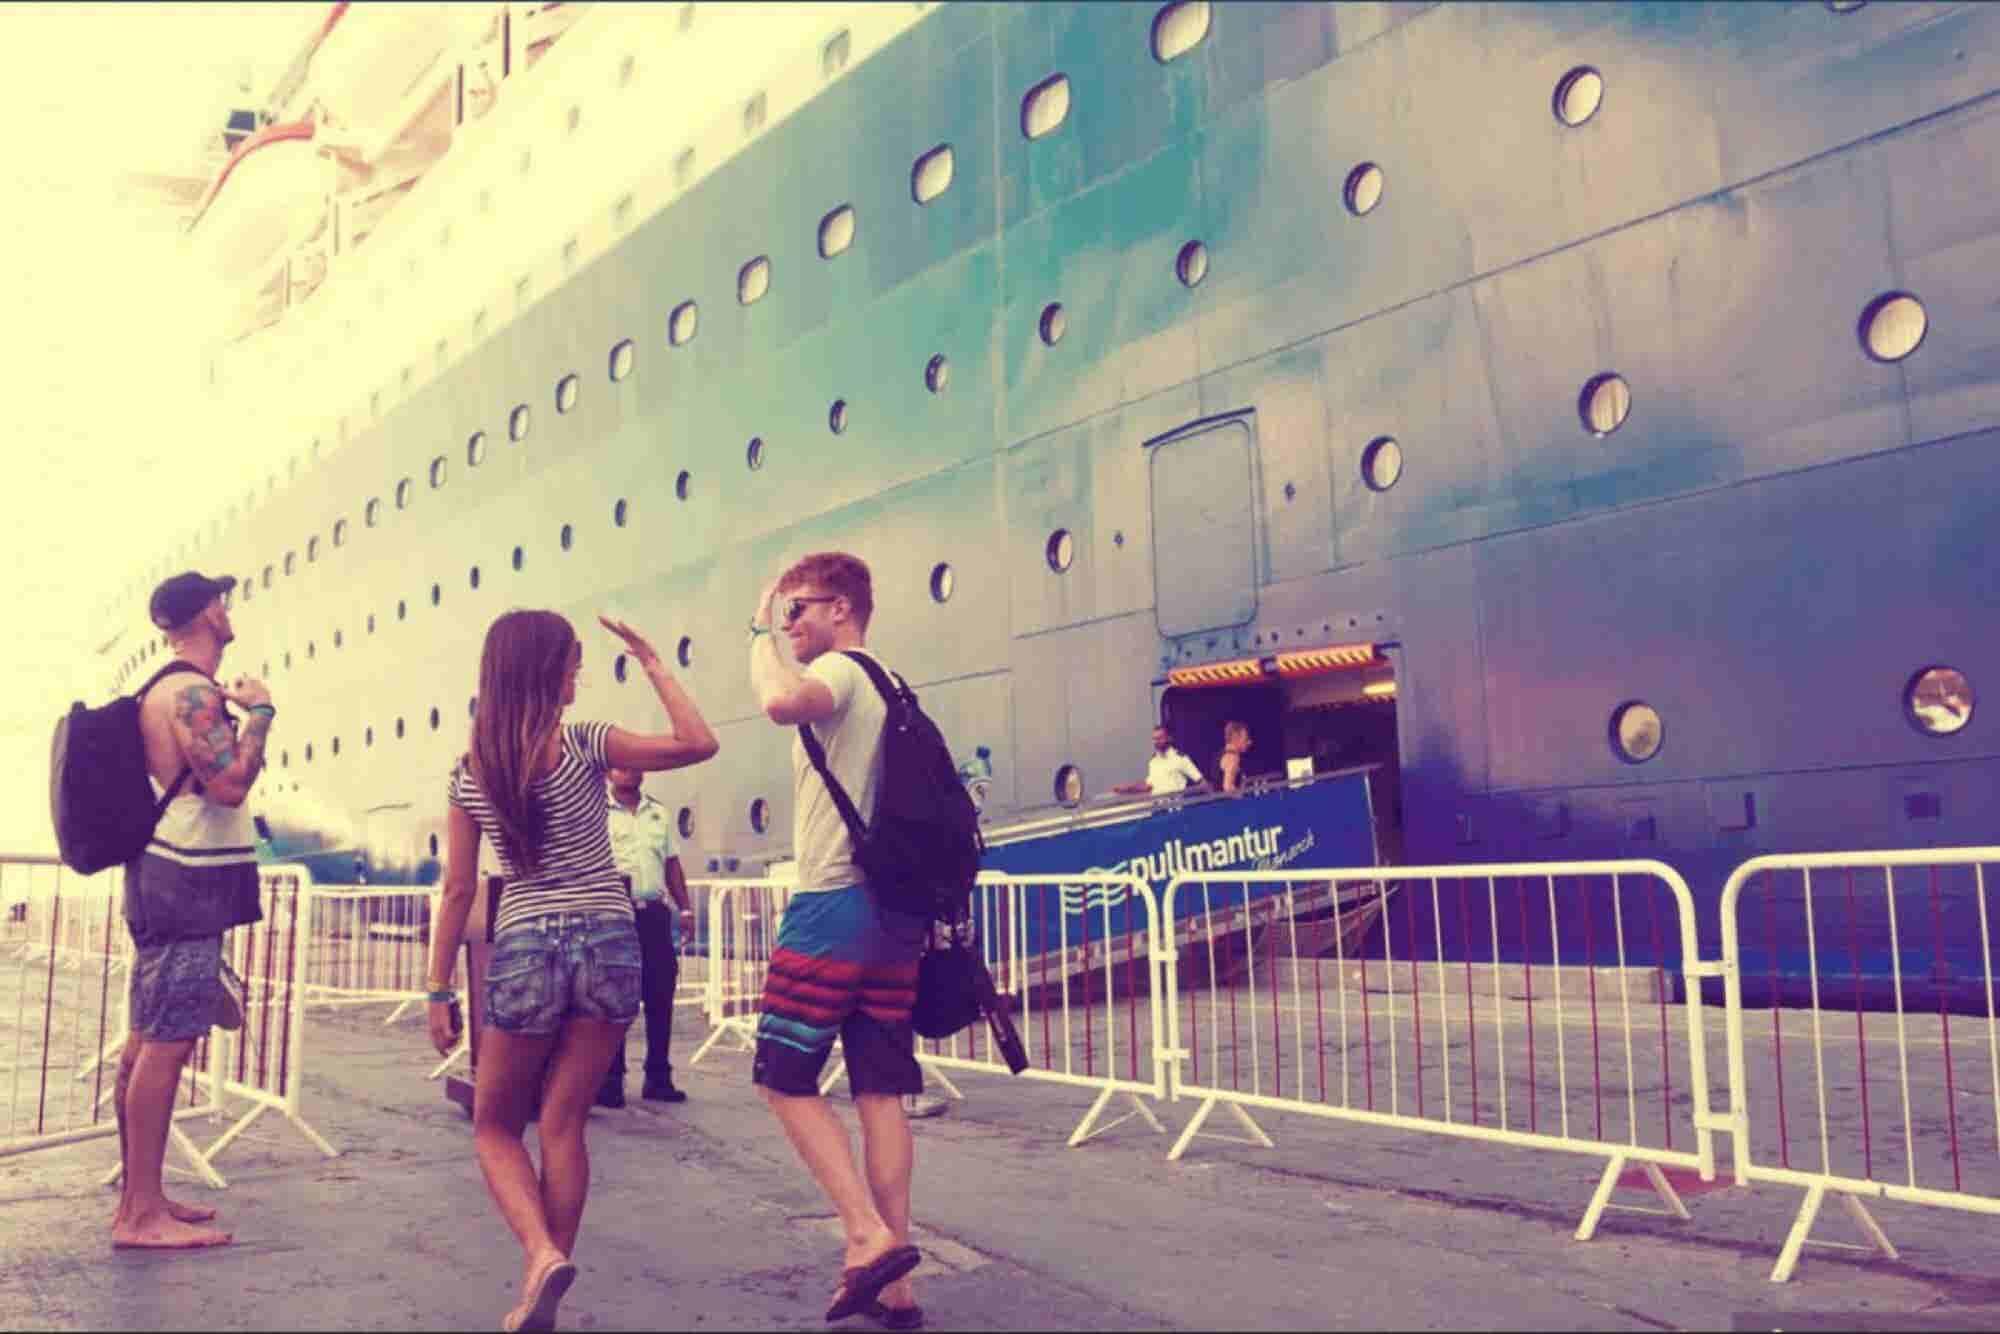 Nomad Cruise, el barco que surca los mares con cientos de emprendedores a bordo